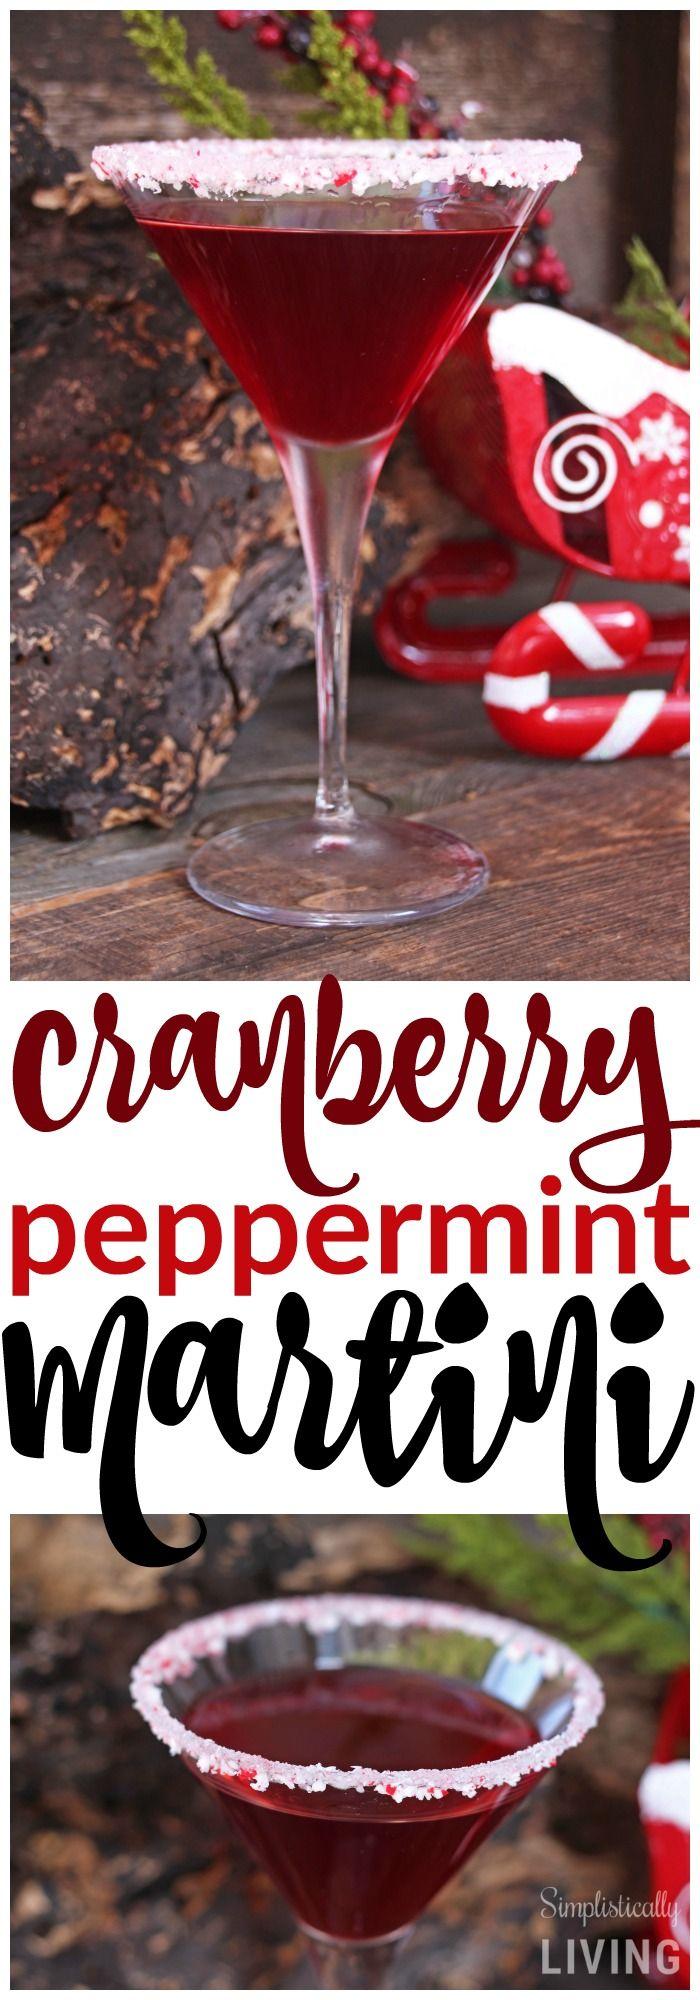 Cranberry Peppermint Martini Simplistically Living